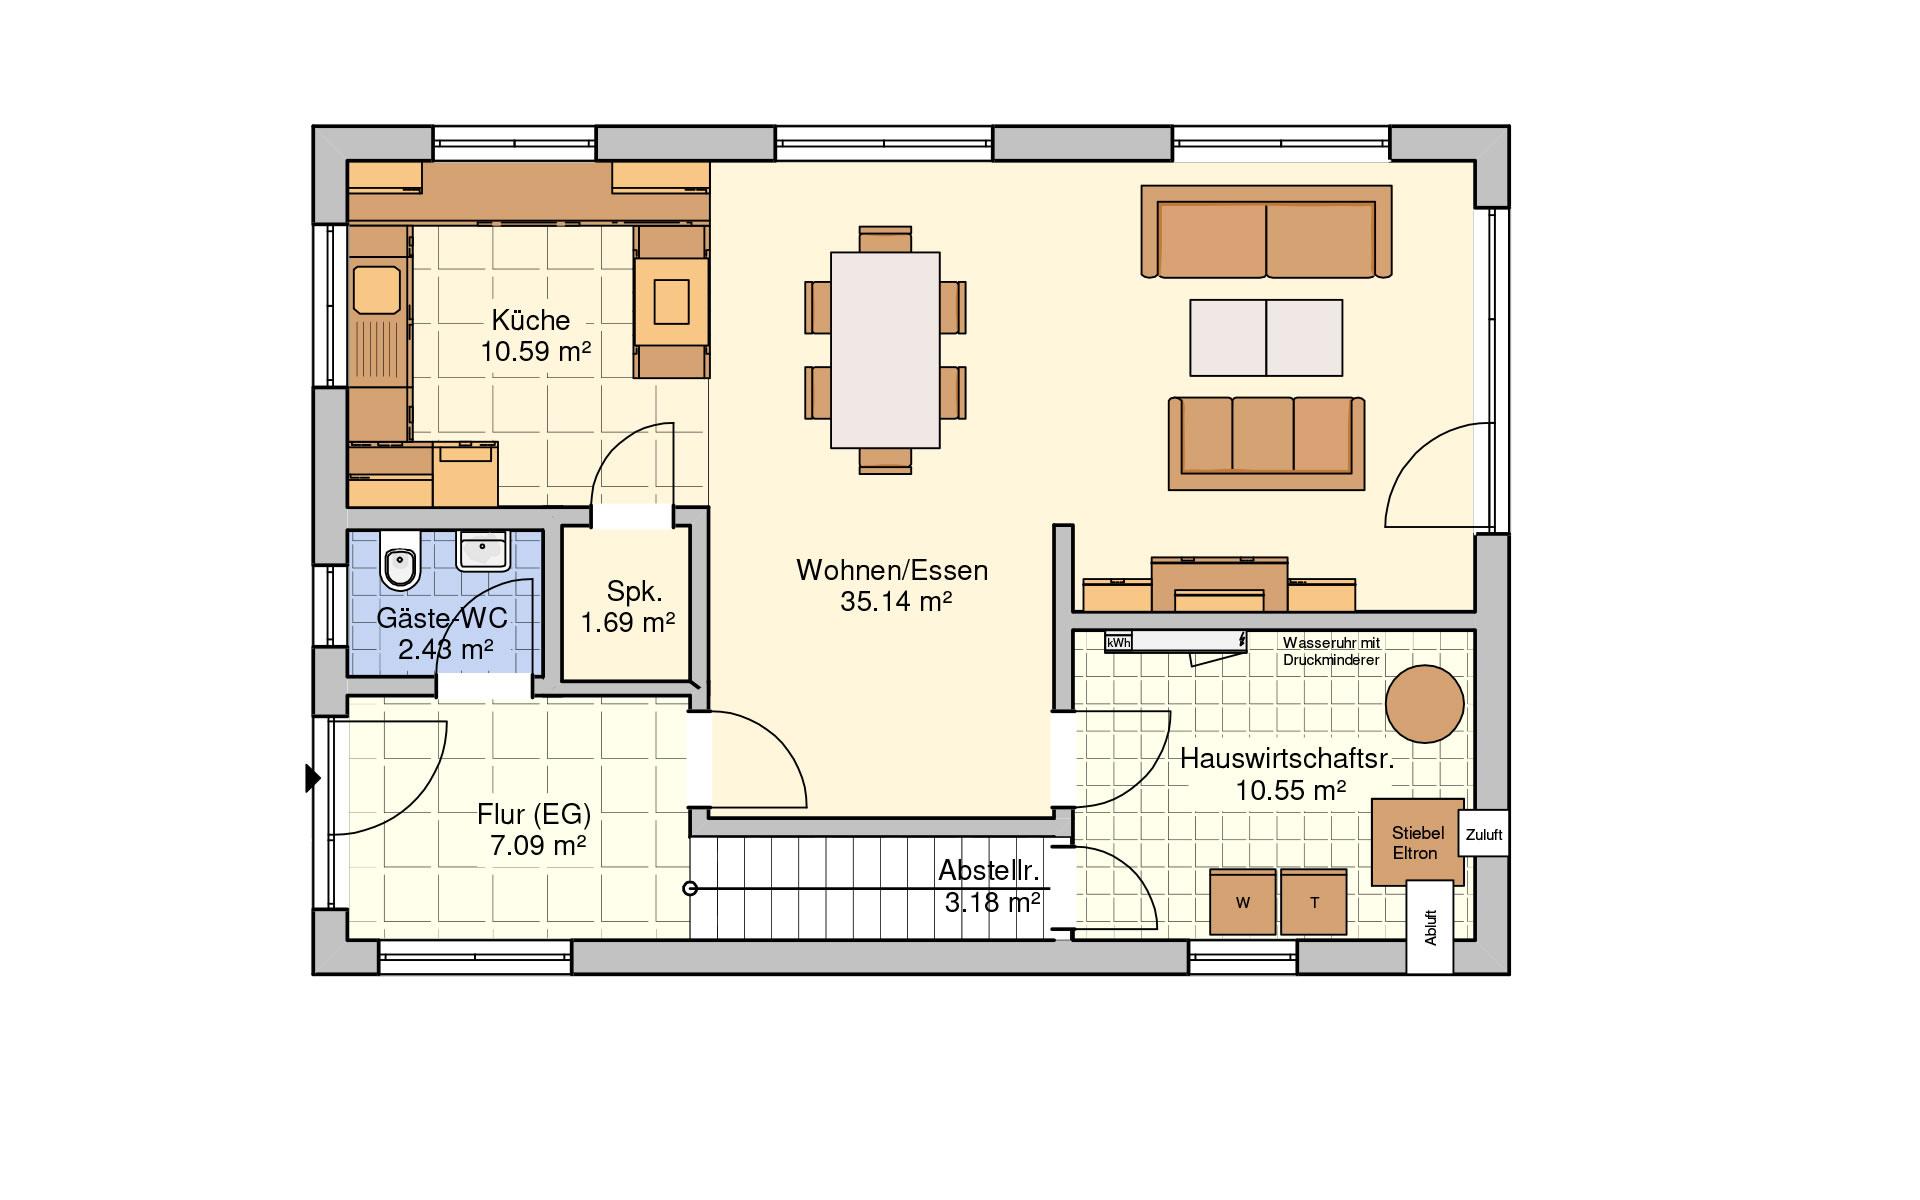 Erdgeschoss Dublin von Fingerhut Haus GmbH & Co. KG